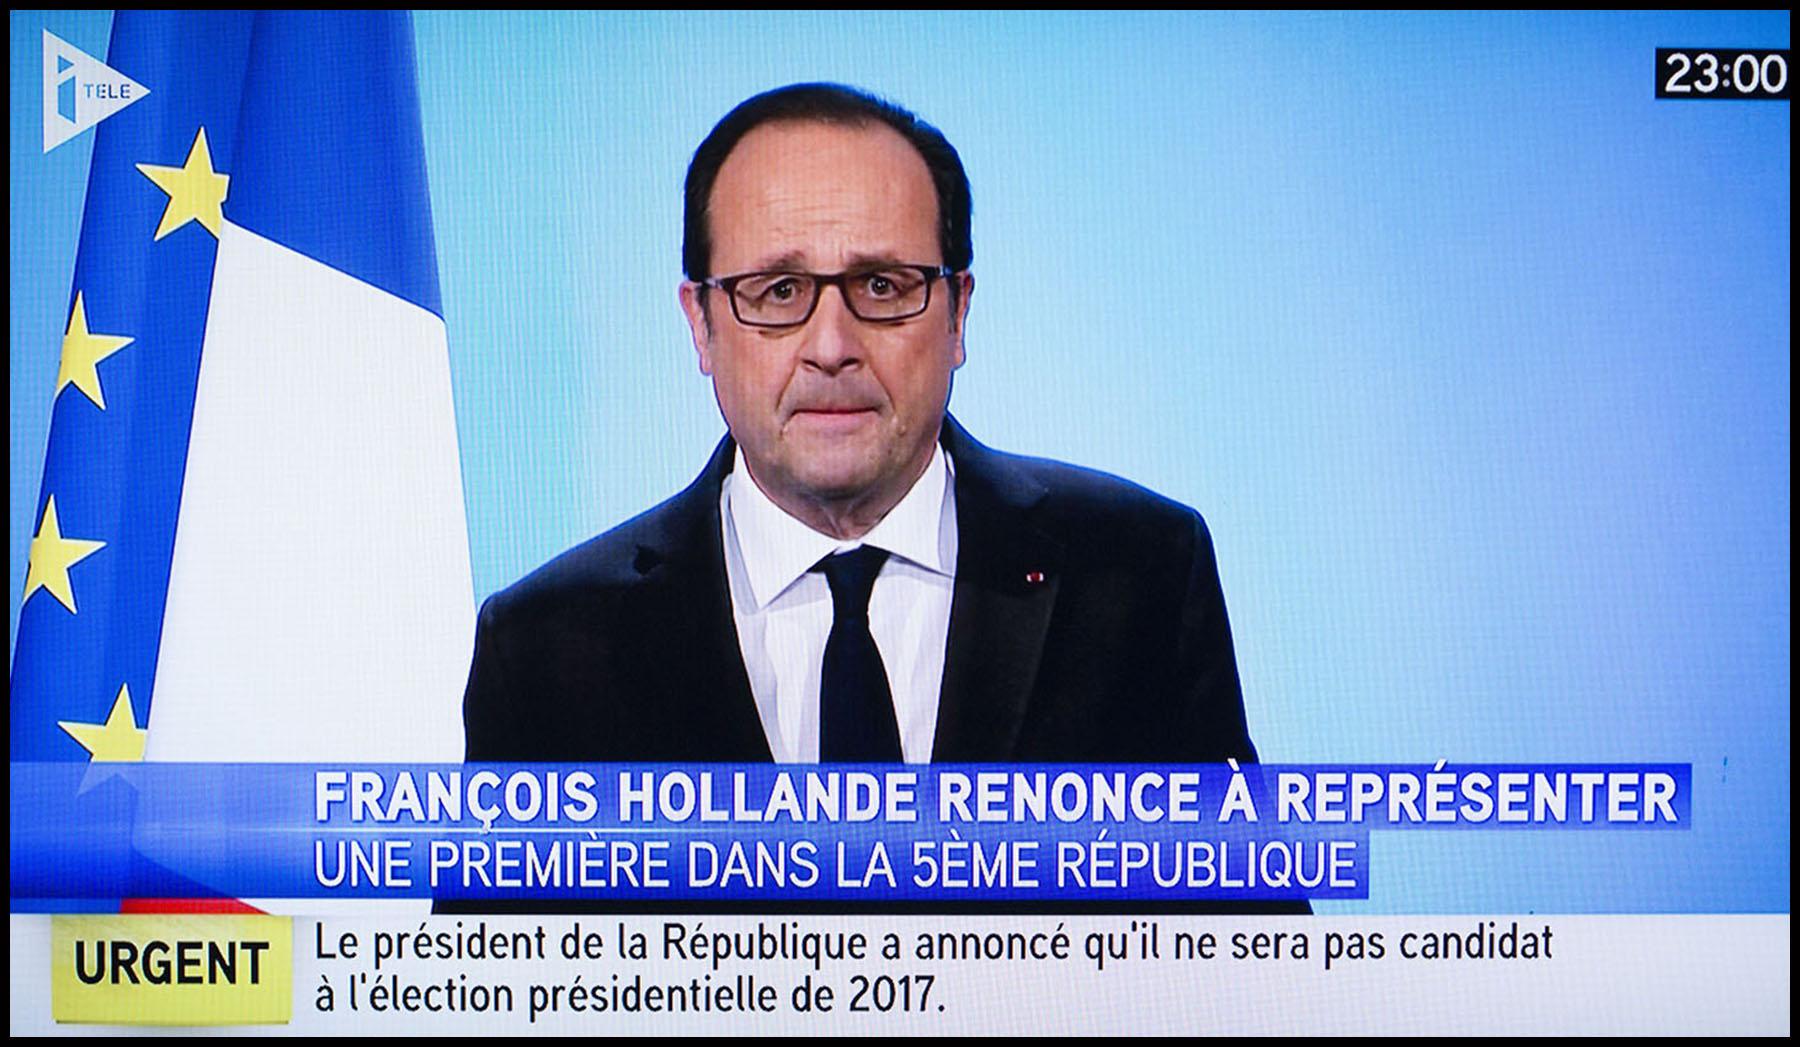 Dans une déclaration retransmise sur toutes les chaines de TV en direct du Palais de l'Elysée, le président de la république François HOLLANDE annonce qu'il ne se représentera pas pour un deuxième mandat présidentiel.